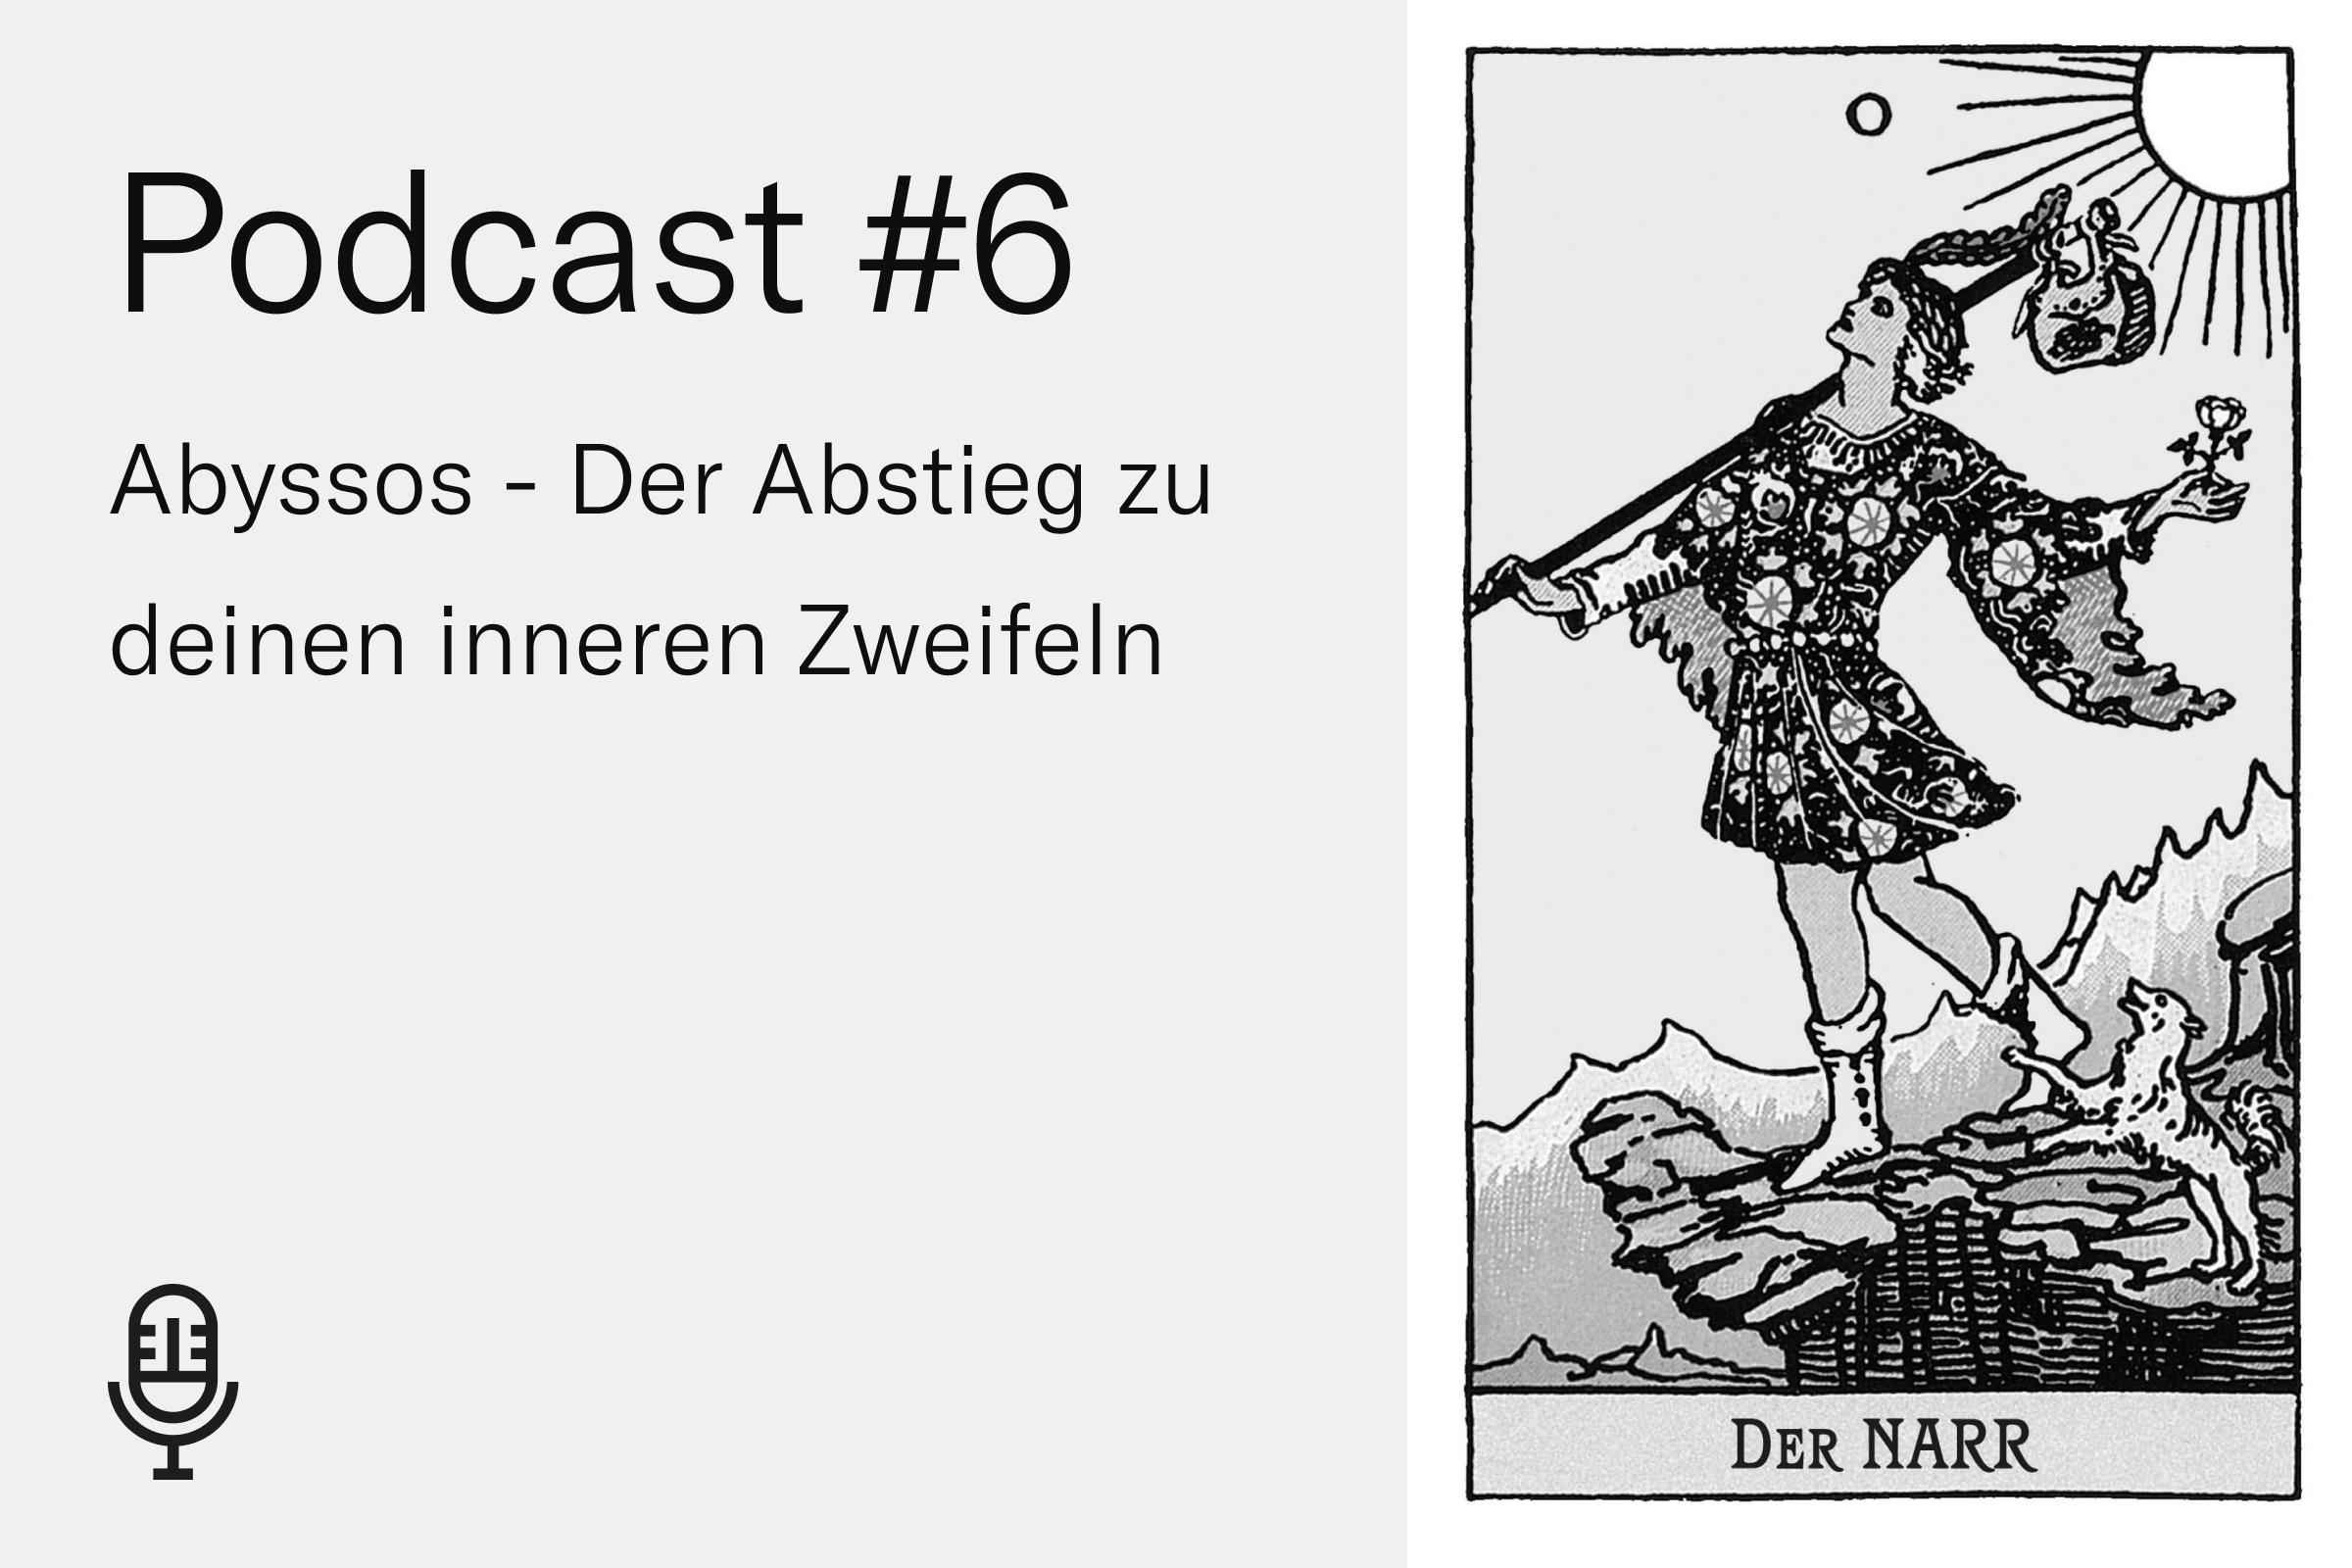 Podcast #6 Abyssos – Der Umgang mit Selbstzweifel